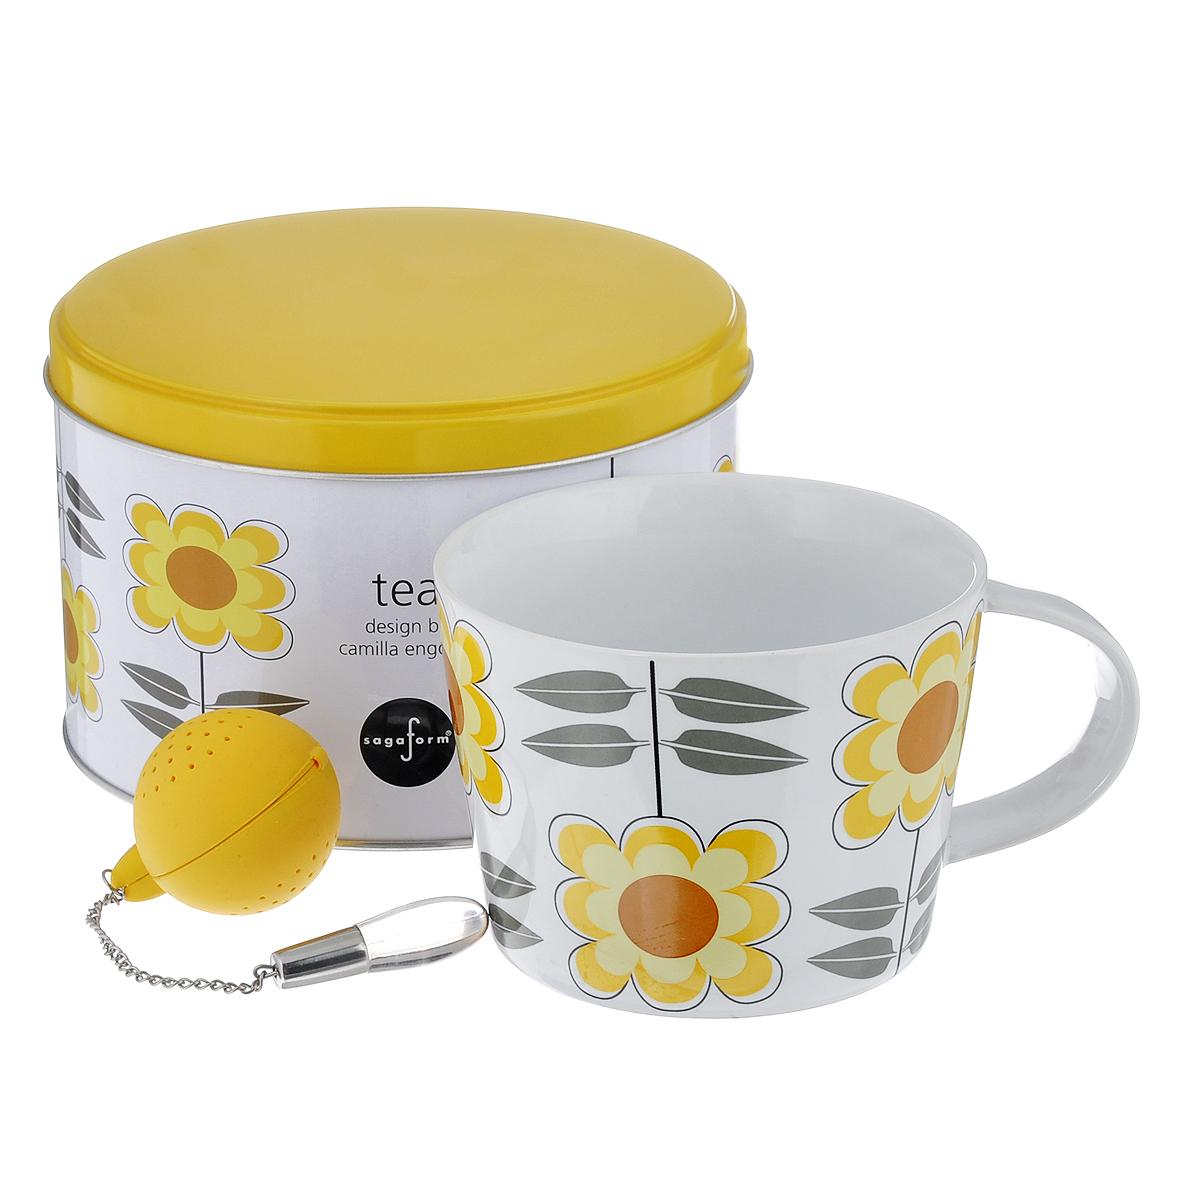 Набор чайный Sagaform Tea, цвет: желтый, белый, 2 предмета5016289Набор чайный Sagaform Tea состоит из кружки, изготовленной из высококачественной керамики, и ситечка для заваривания чая. Круглое силиконовое ситечко оснащено стальной цепочкой со стеклянной подвеской, благодаря чему ситечко удобно доставать из кружки. Внешние стенки кружки оформлены цветочным узором. Предметы набора располагаются в круглой металлической банке с крышкой. Оригинальный скандинавский дизайн и функциональность сделают чайный набор Sagaform Tea желанным подарком! Объем кружки: 400 мл. Диаметр кружки по верхнему краю: 10,5 см. Диаметр дна кружки: 8,5 см. Высота стенок кружки: 8 см. Диаметр ситечка: 4 см.